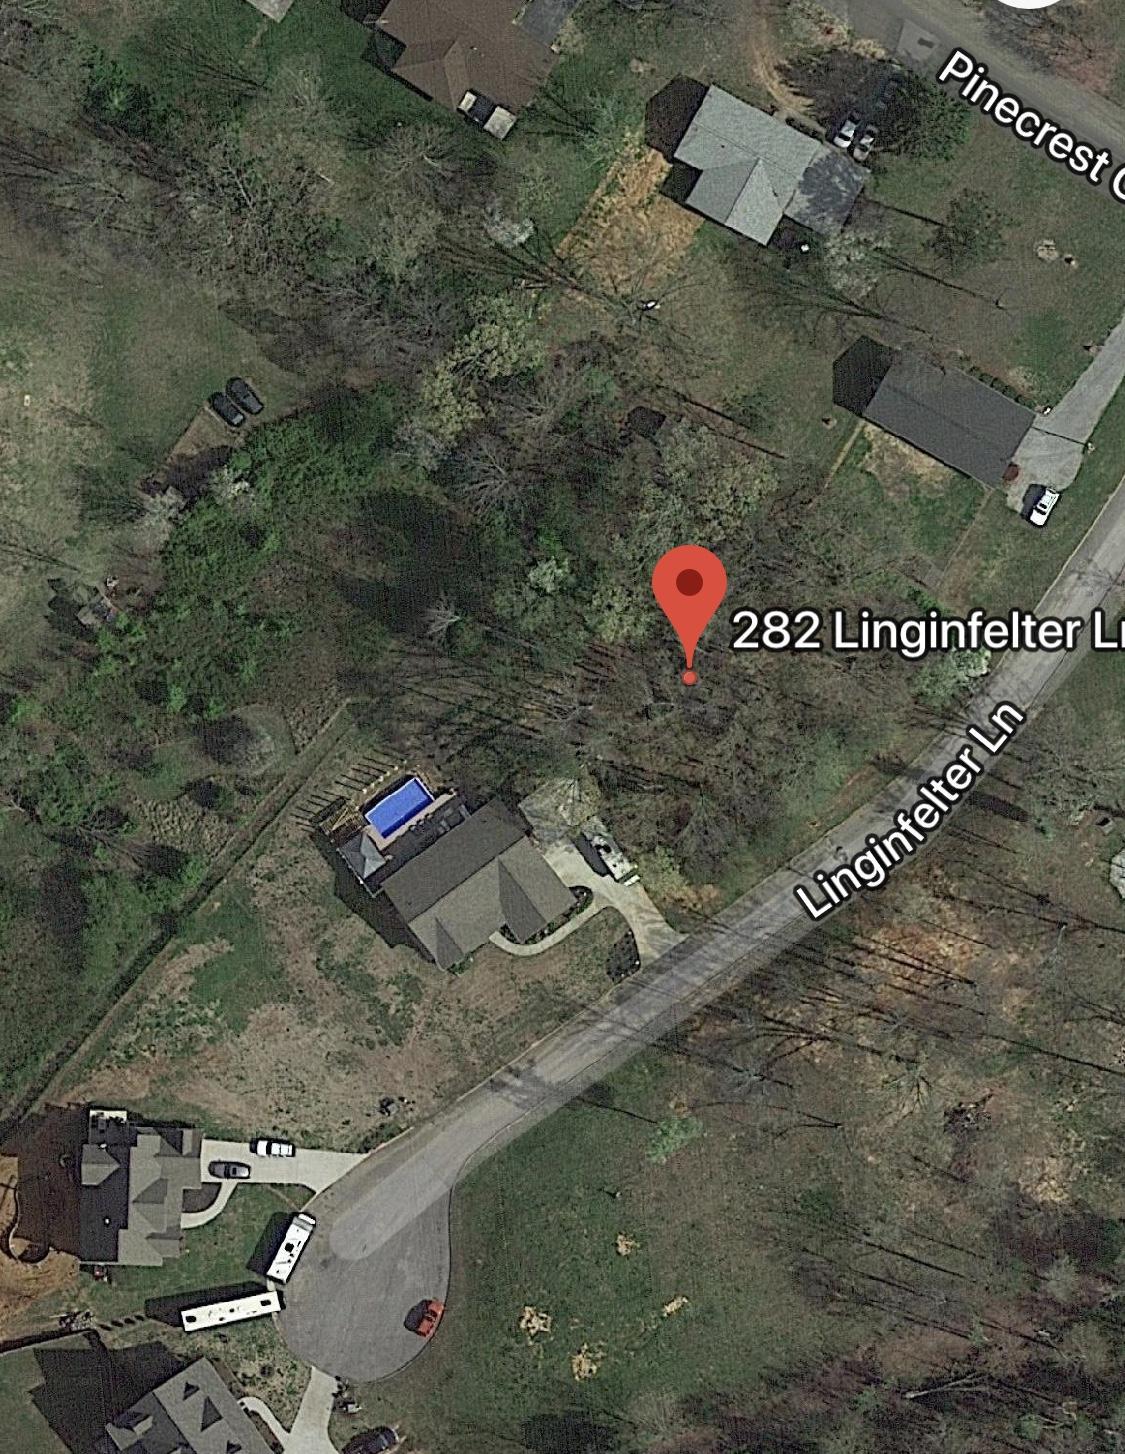 282 Linginfelter Lane, Lenoir City, TN 37772